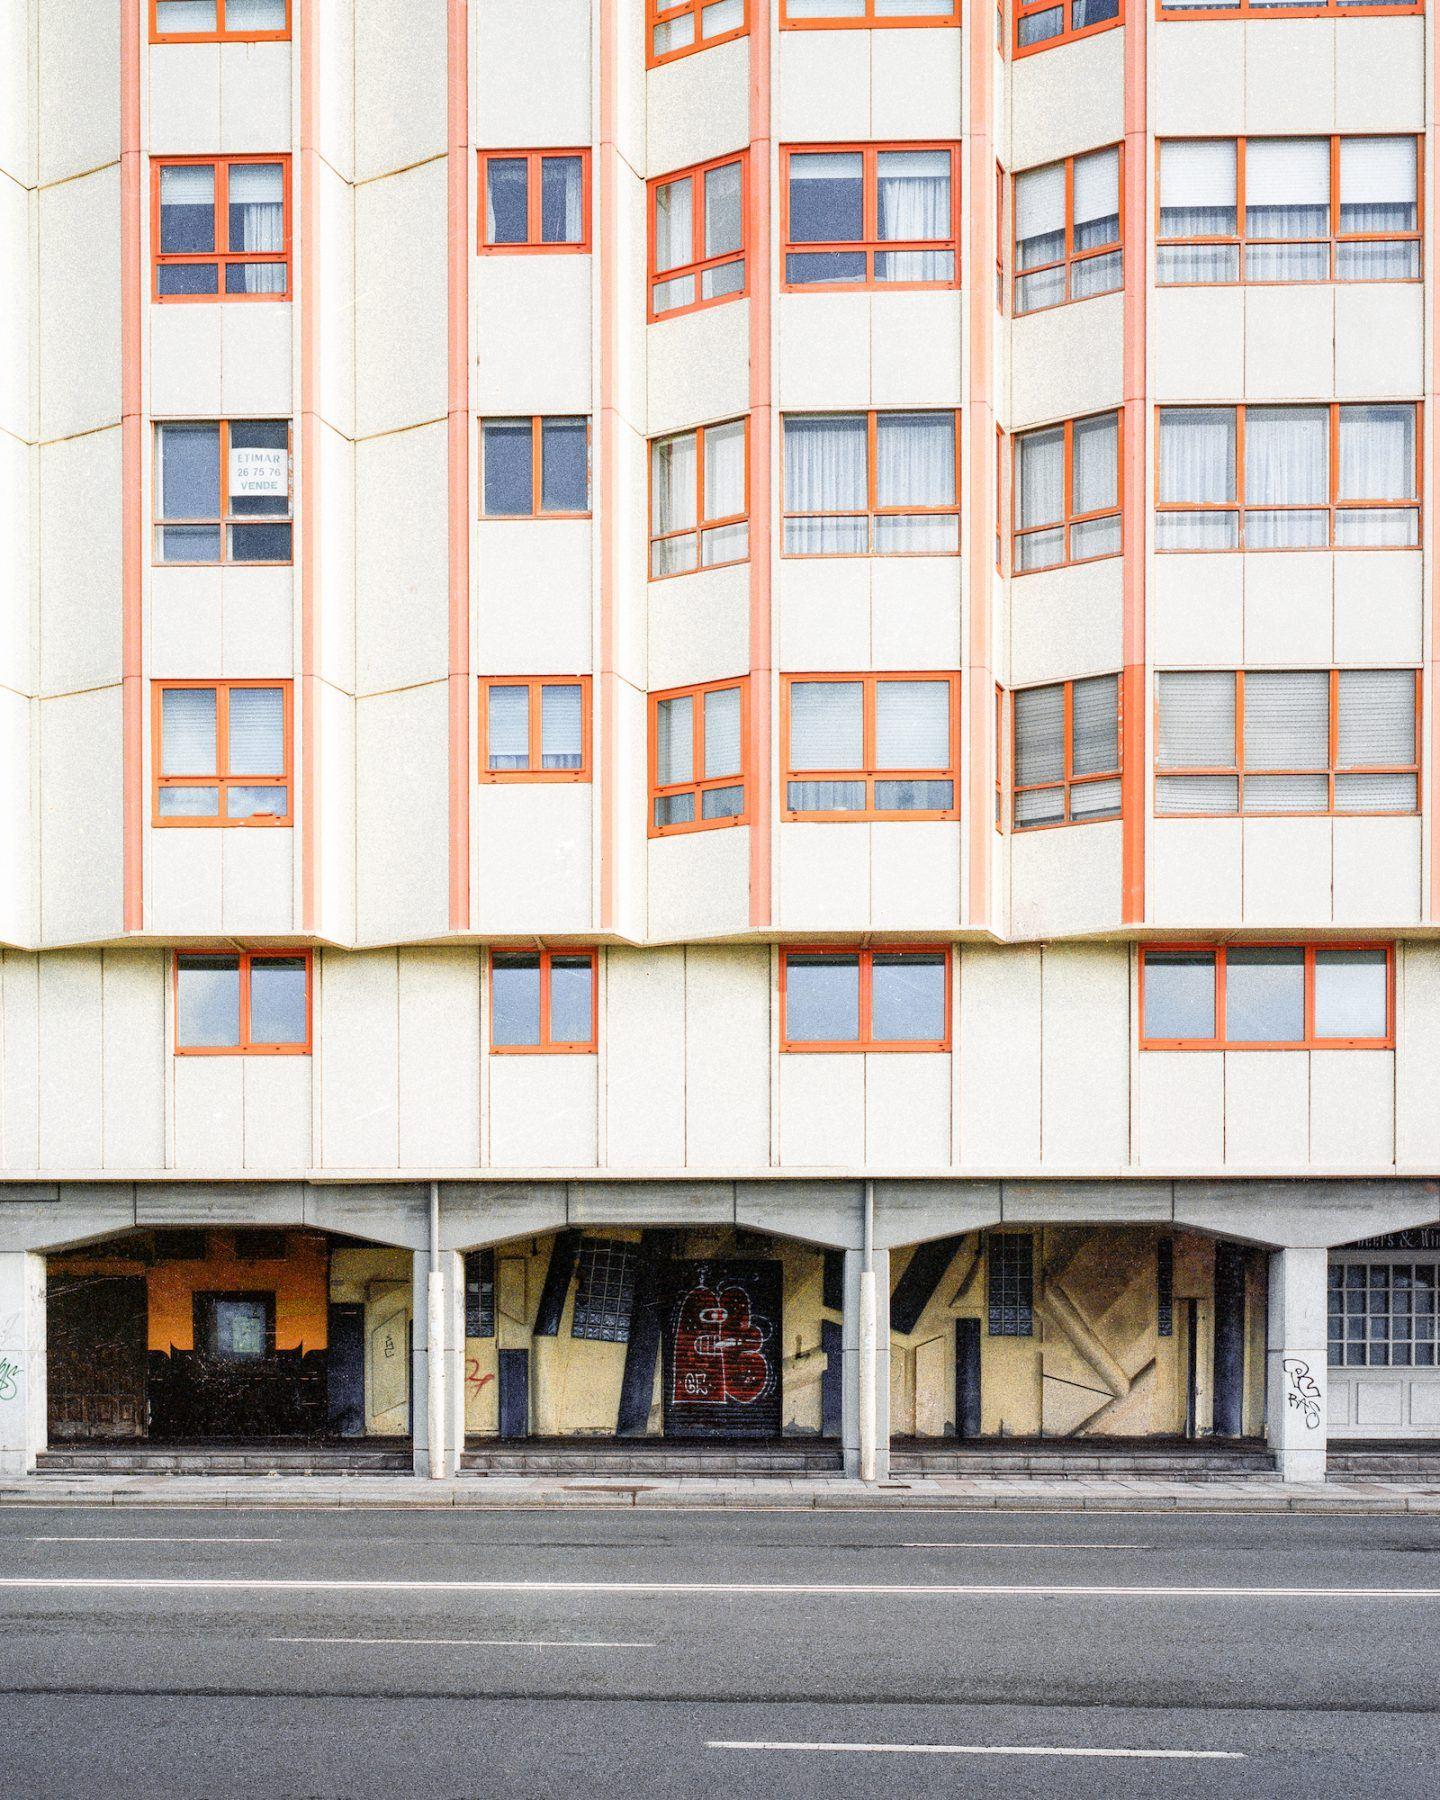 IGNANT-Photography-Pawel-Jaskiewicz-A-Coruna-07